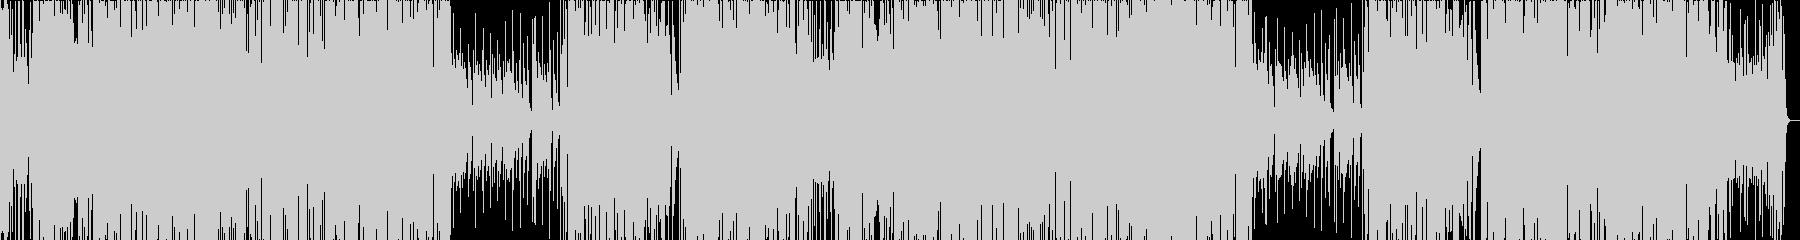 ピンチ・チャンスを感じるディスコジャズの未再生の波形